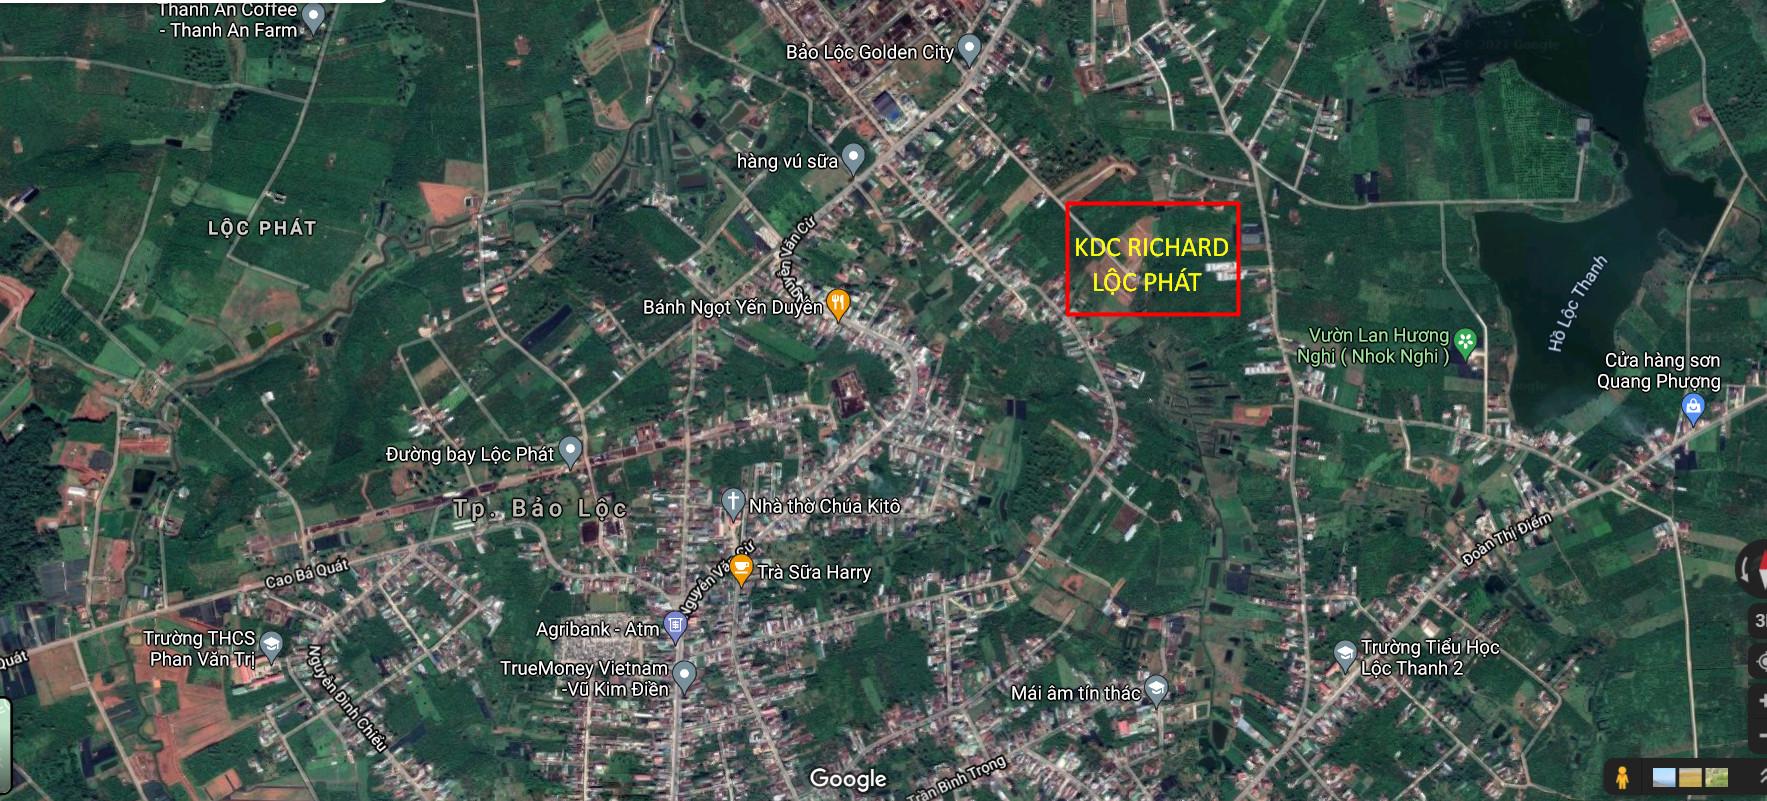 Vị trí khu dân cư Richard Lộc Phát Bảo Lộc